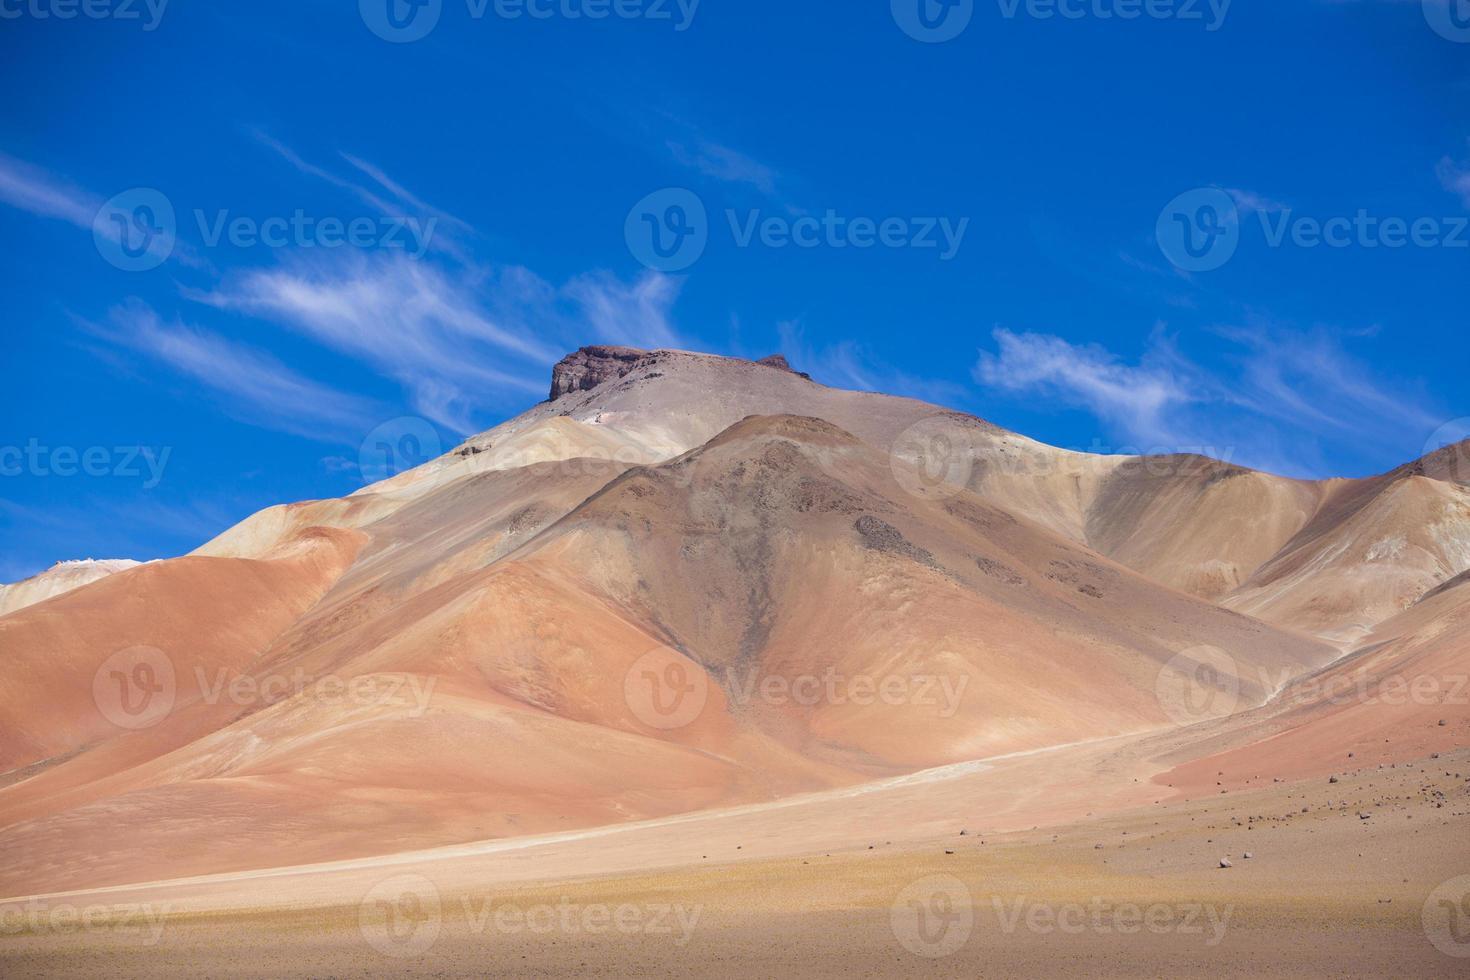 montaña de atacama con cielo azul en el parque eduardo avaroa foto